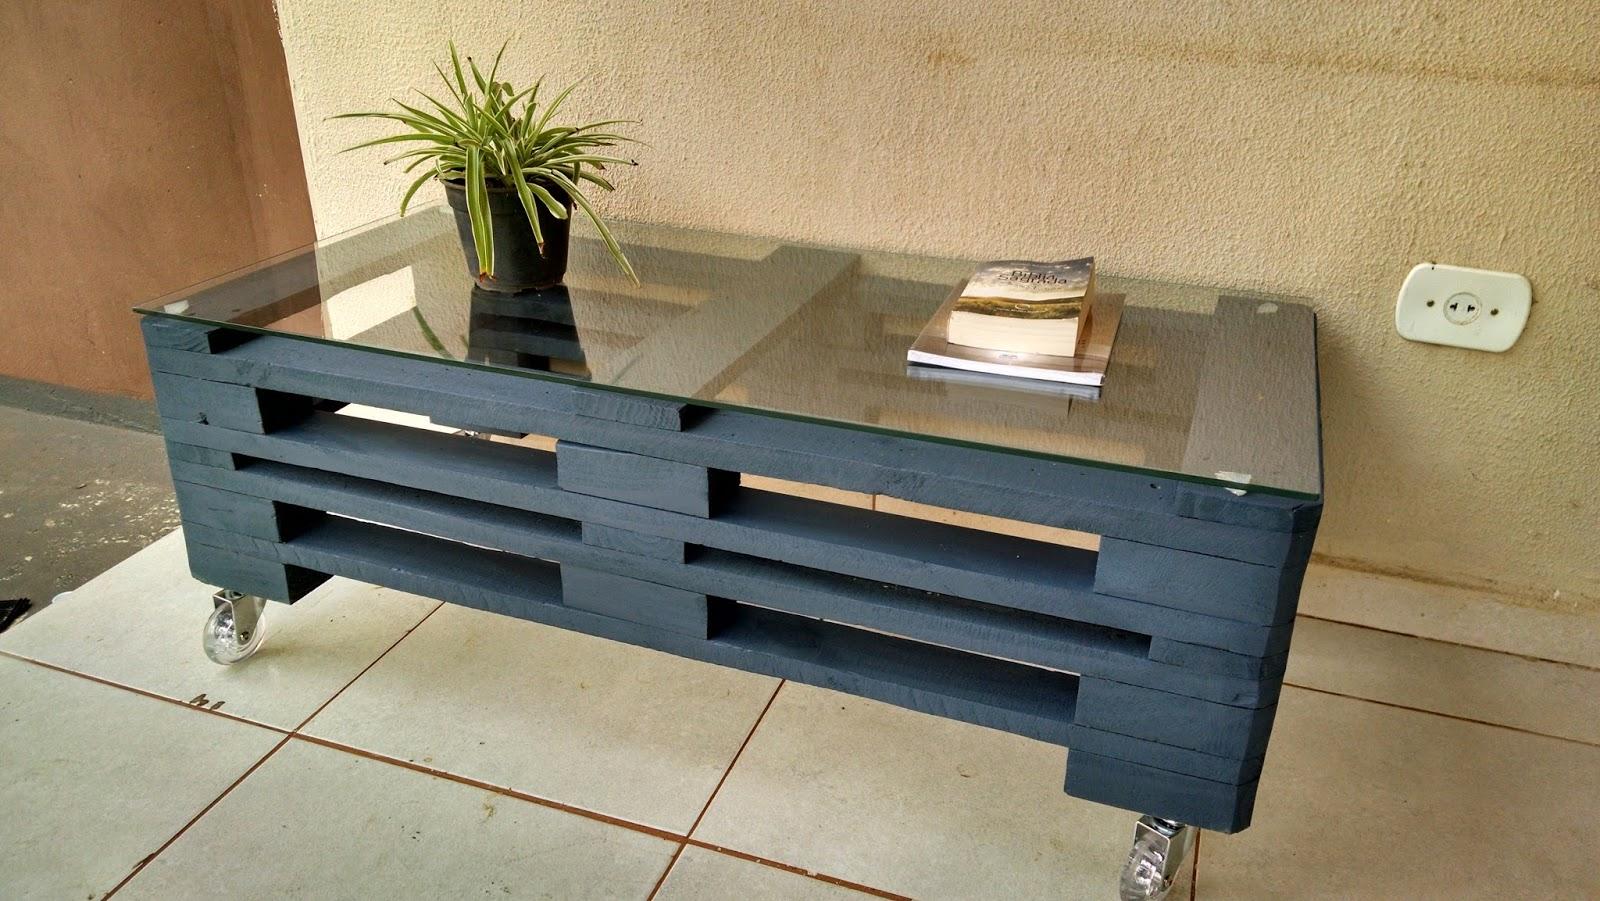 Casa Paletes Móveis Rústicos: Mesa / Rack de Paletes #6E4F2E 1600x901